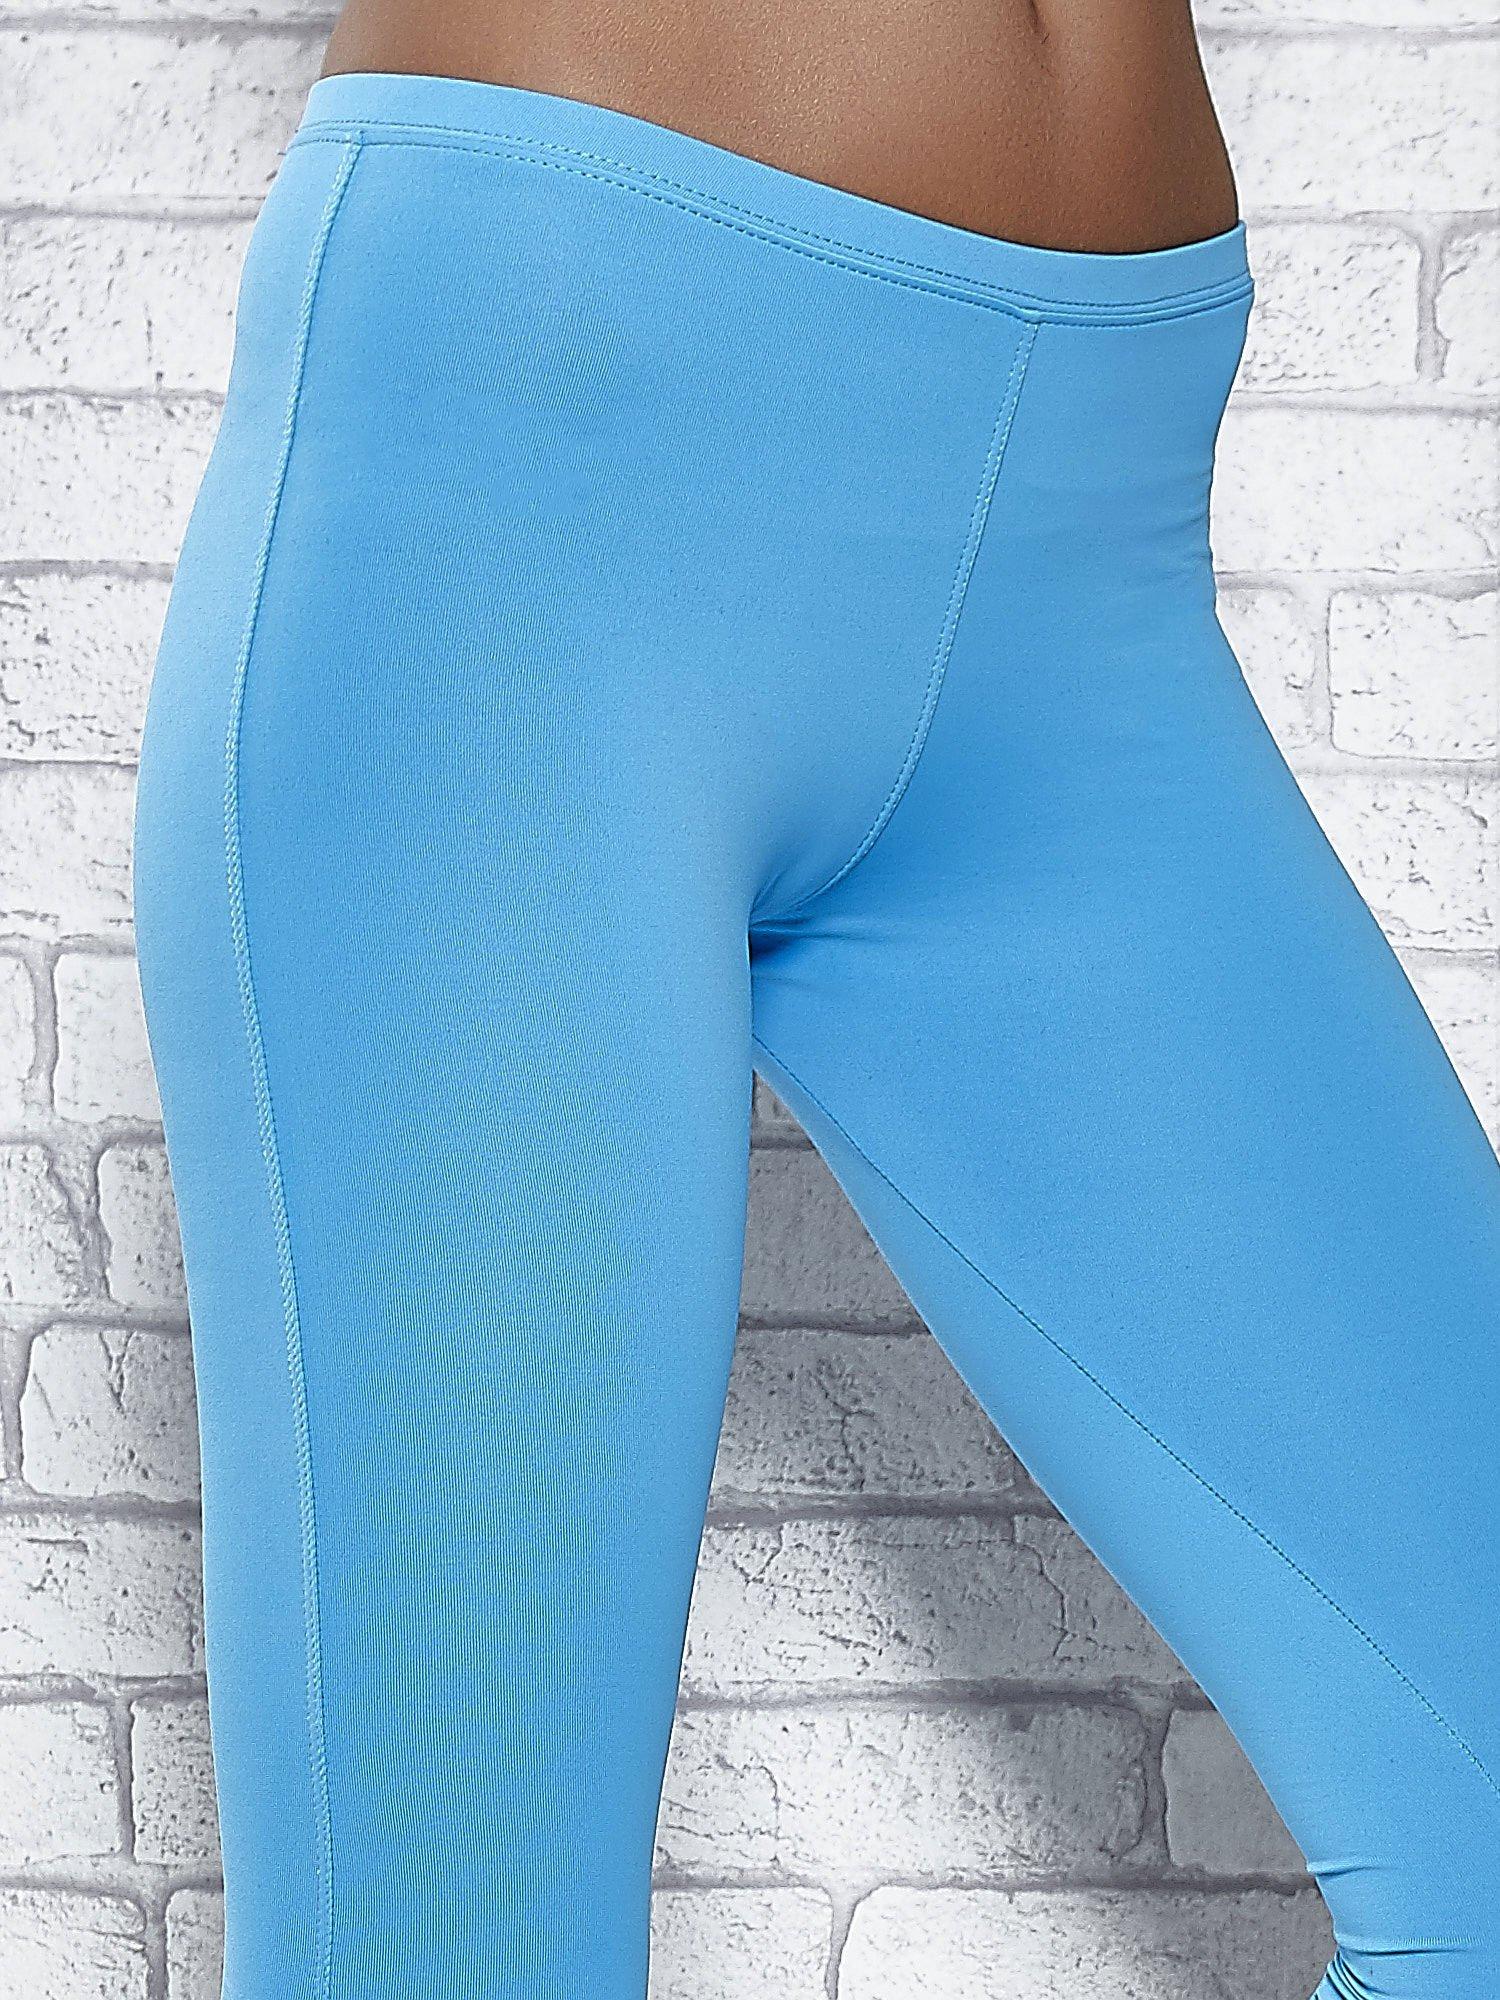 Turkusowe legginsy sportowe termalne z dżetami na nogawkach                                  zdj.                                  4